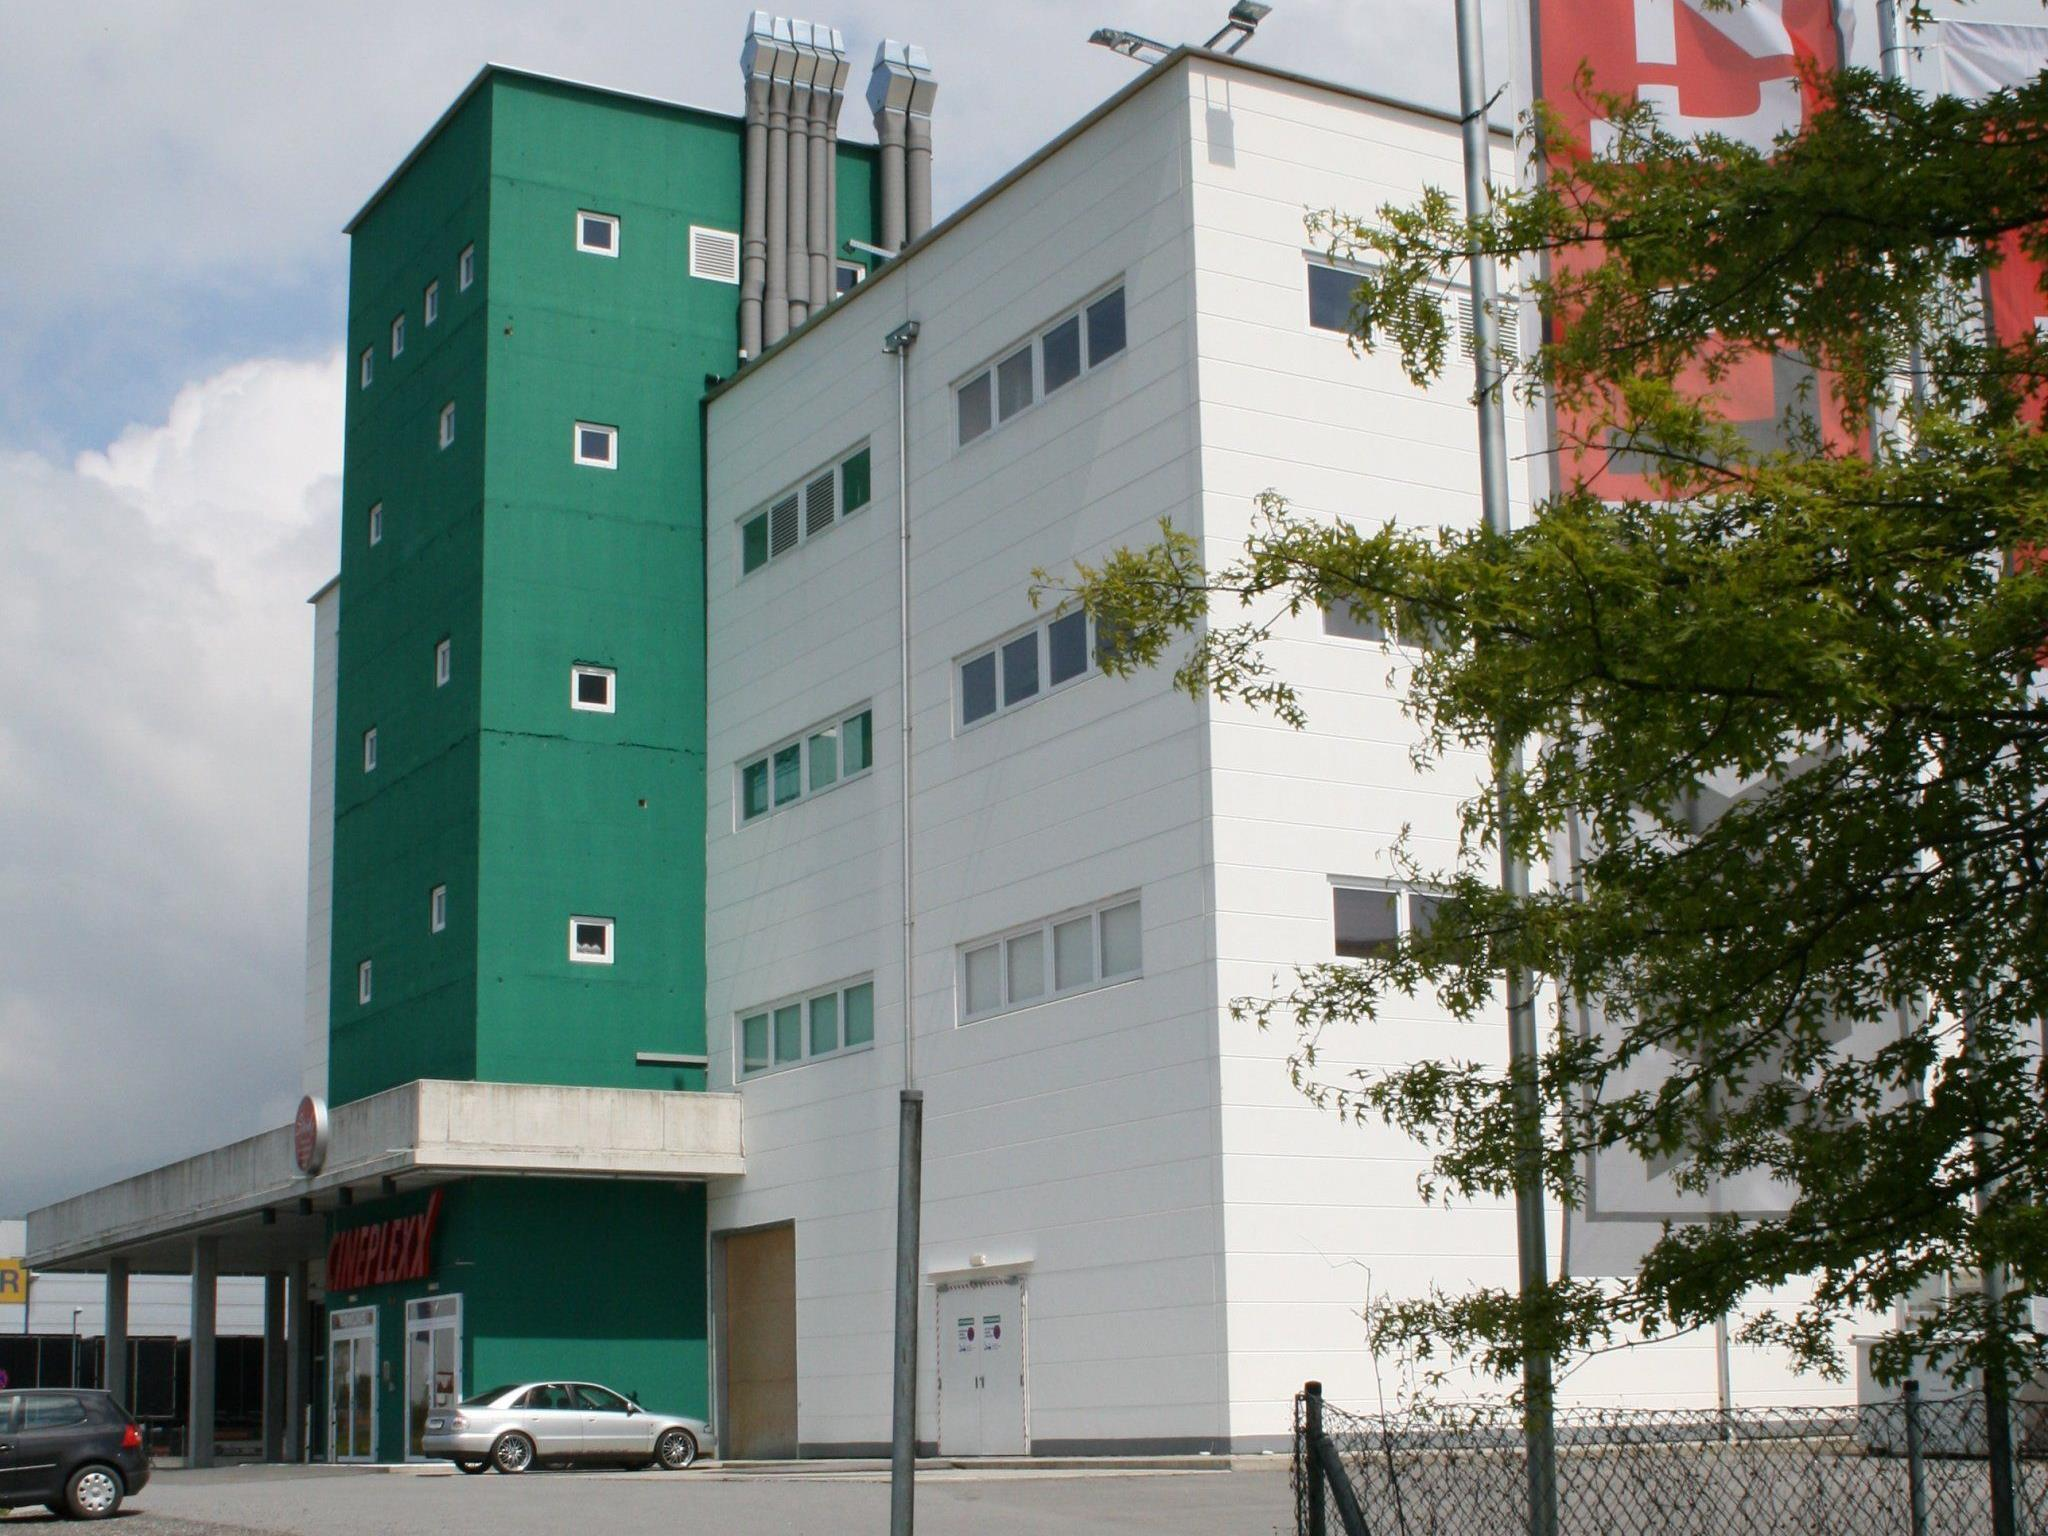 Der Konkurs soll auf den laufenden Betrieb des edro-Unterhaltungszentrums keine Auswirkung haben.